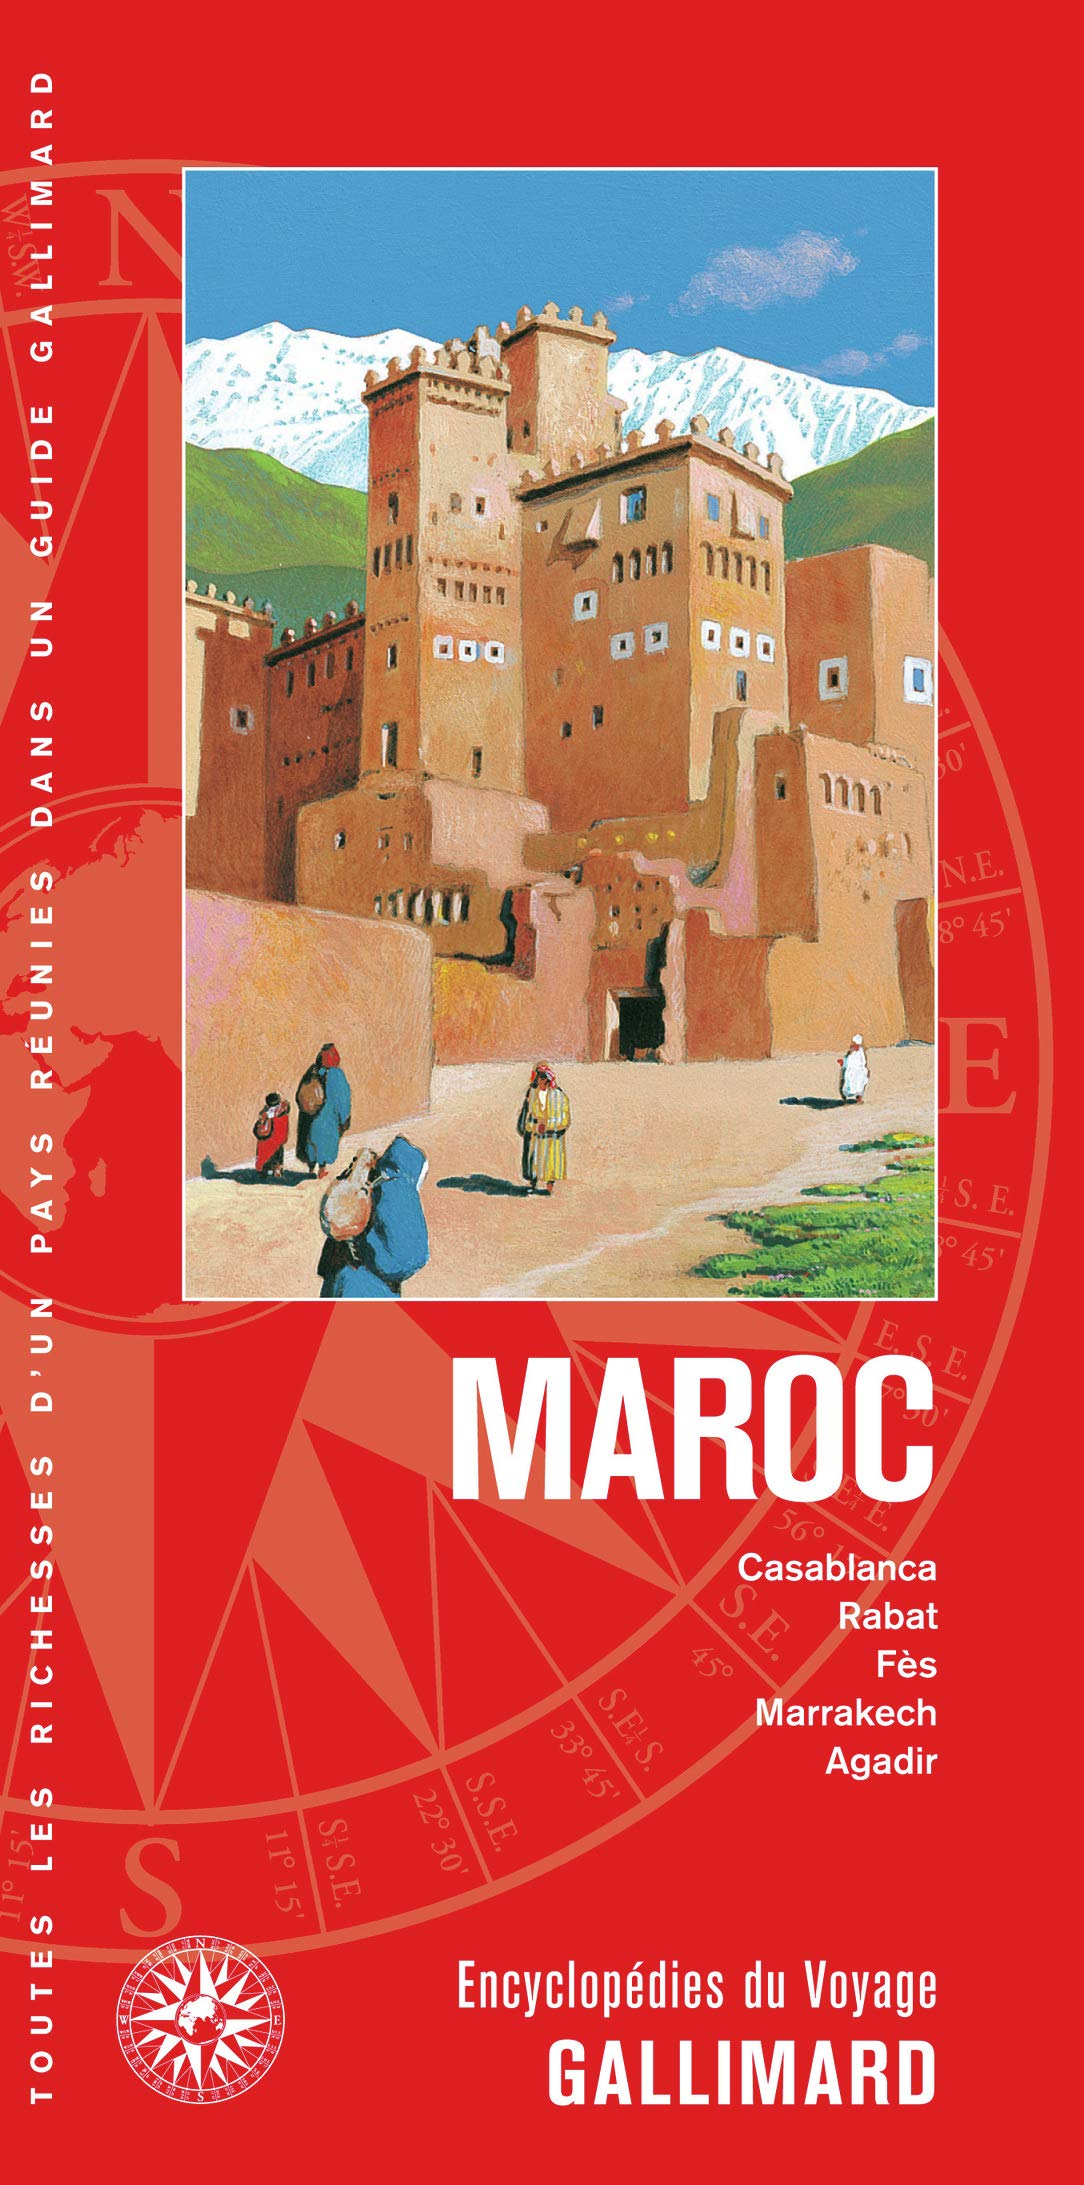 Maroc: Casablanca, Rabat, Fès, Marrakech, Agadir Encyclopédies du Voyage: Amazon.es: Collectifs: Libros en idiomas extranjeros